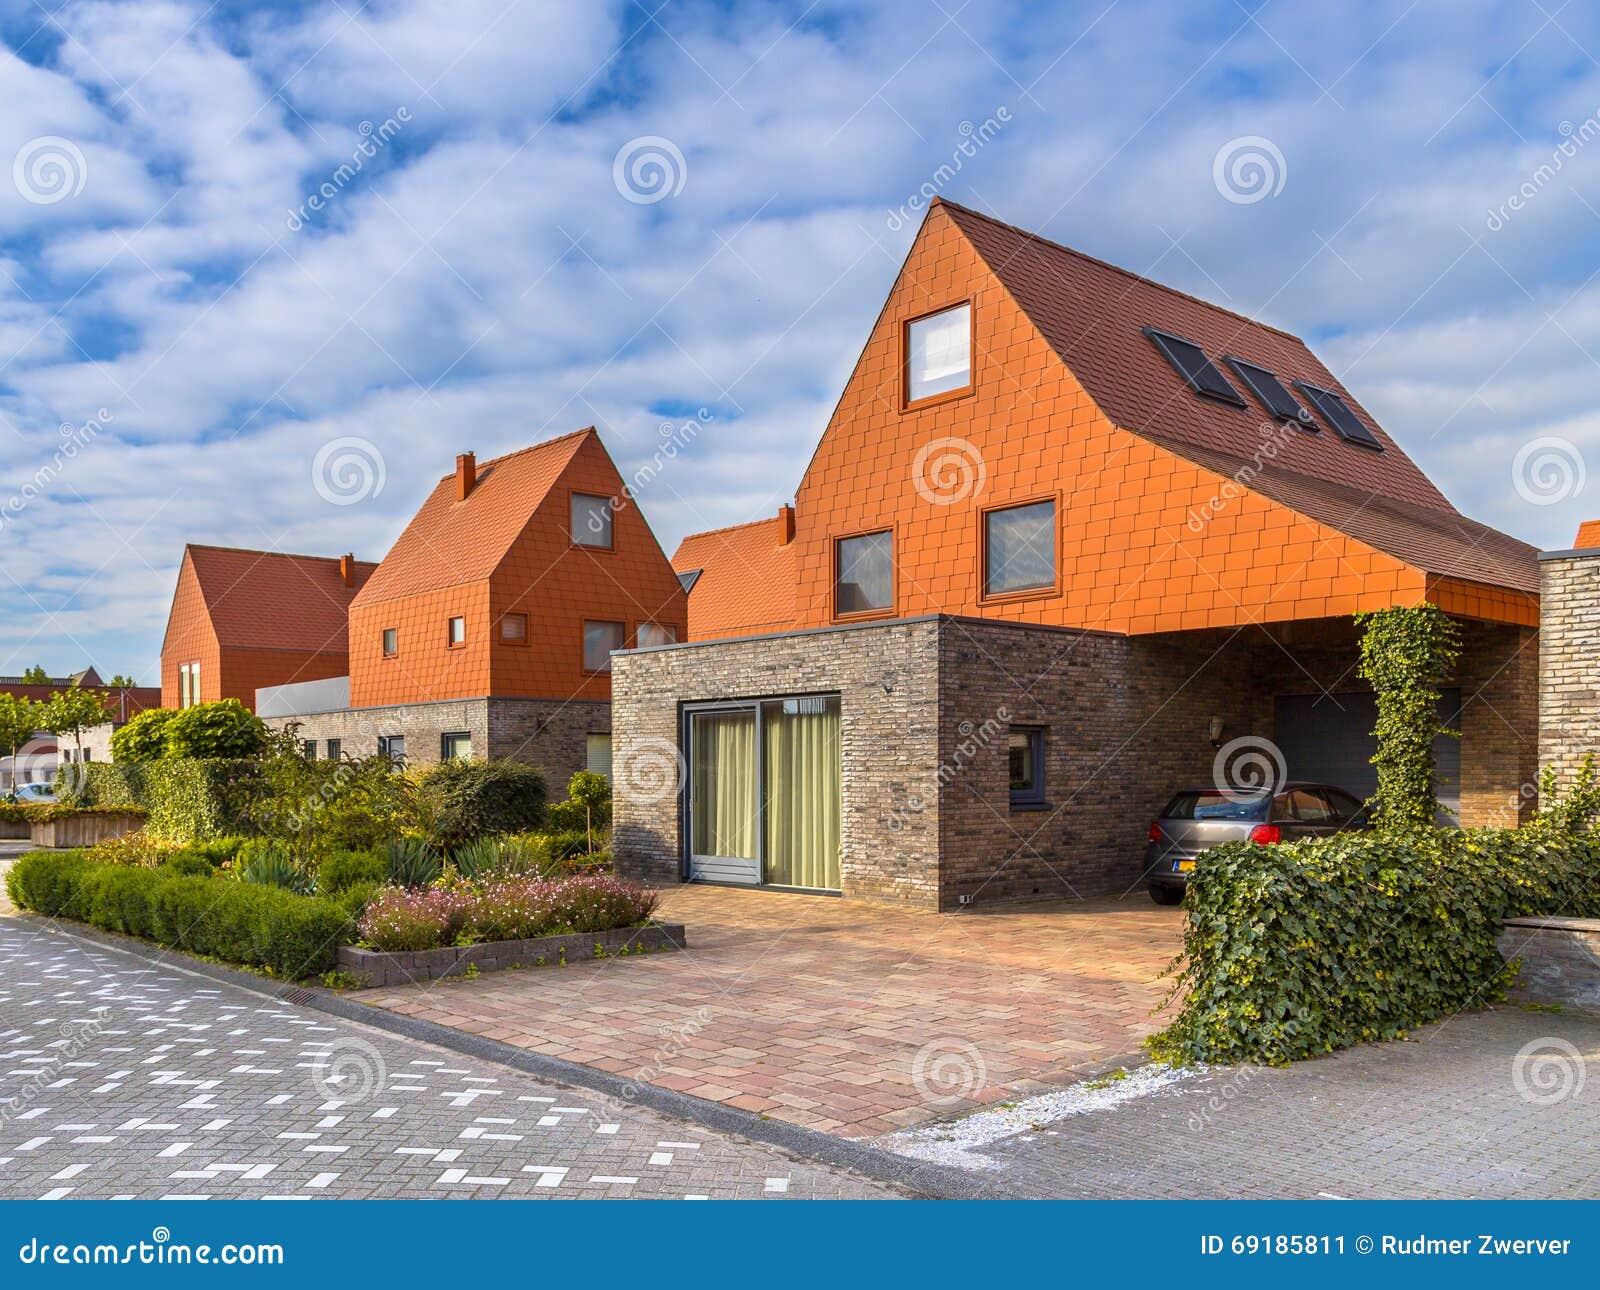 Case moderne di architettura con le mattonelle di tetto Le case moderne